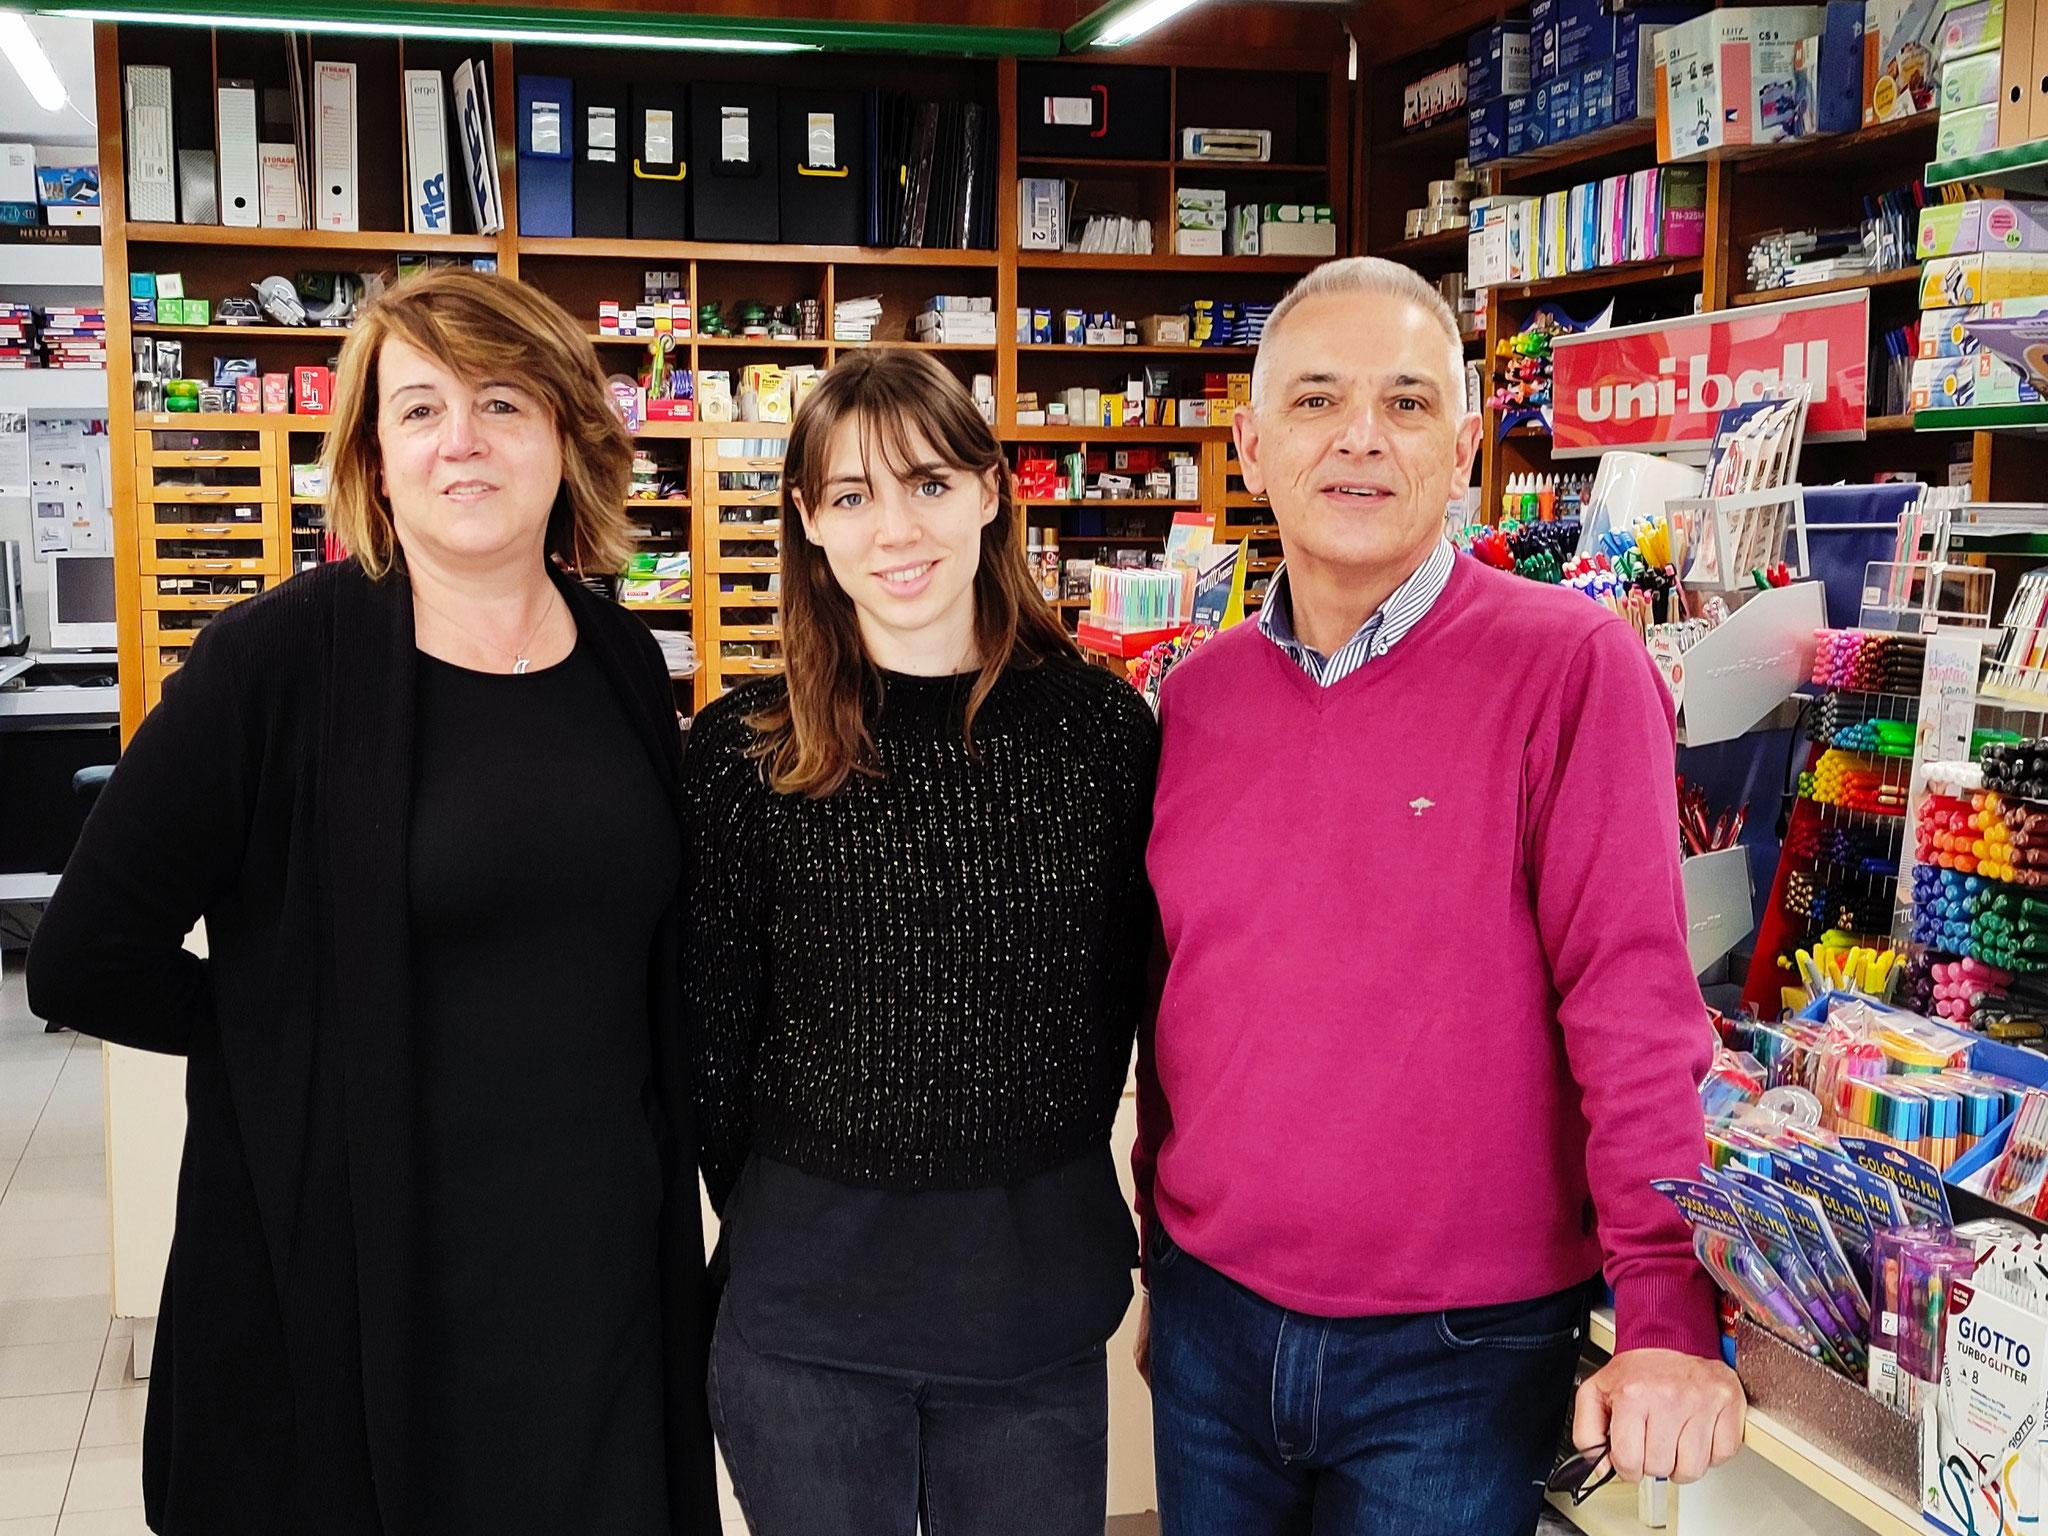 questi siamo noi ... Fiorella, Silvia e Paolo